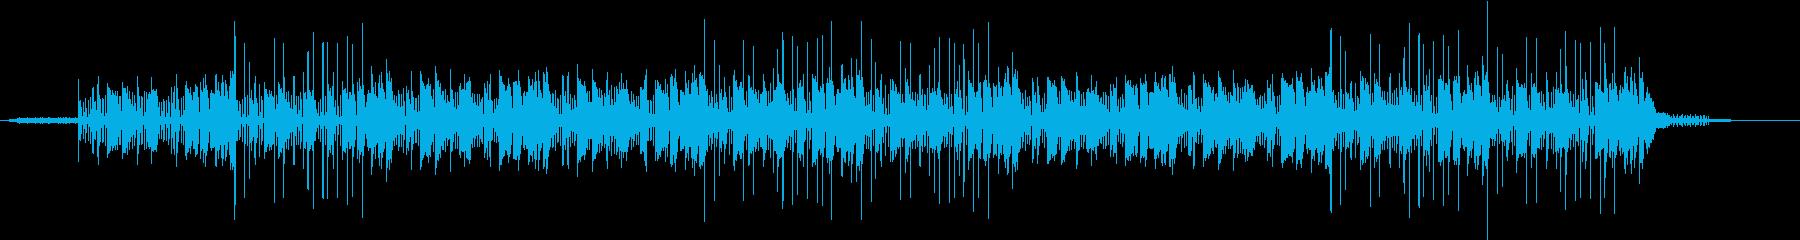 尾行 謎 電子音とメロディー 科学実験の再生済みの波形